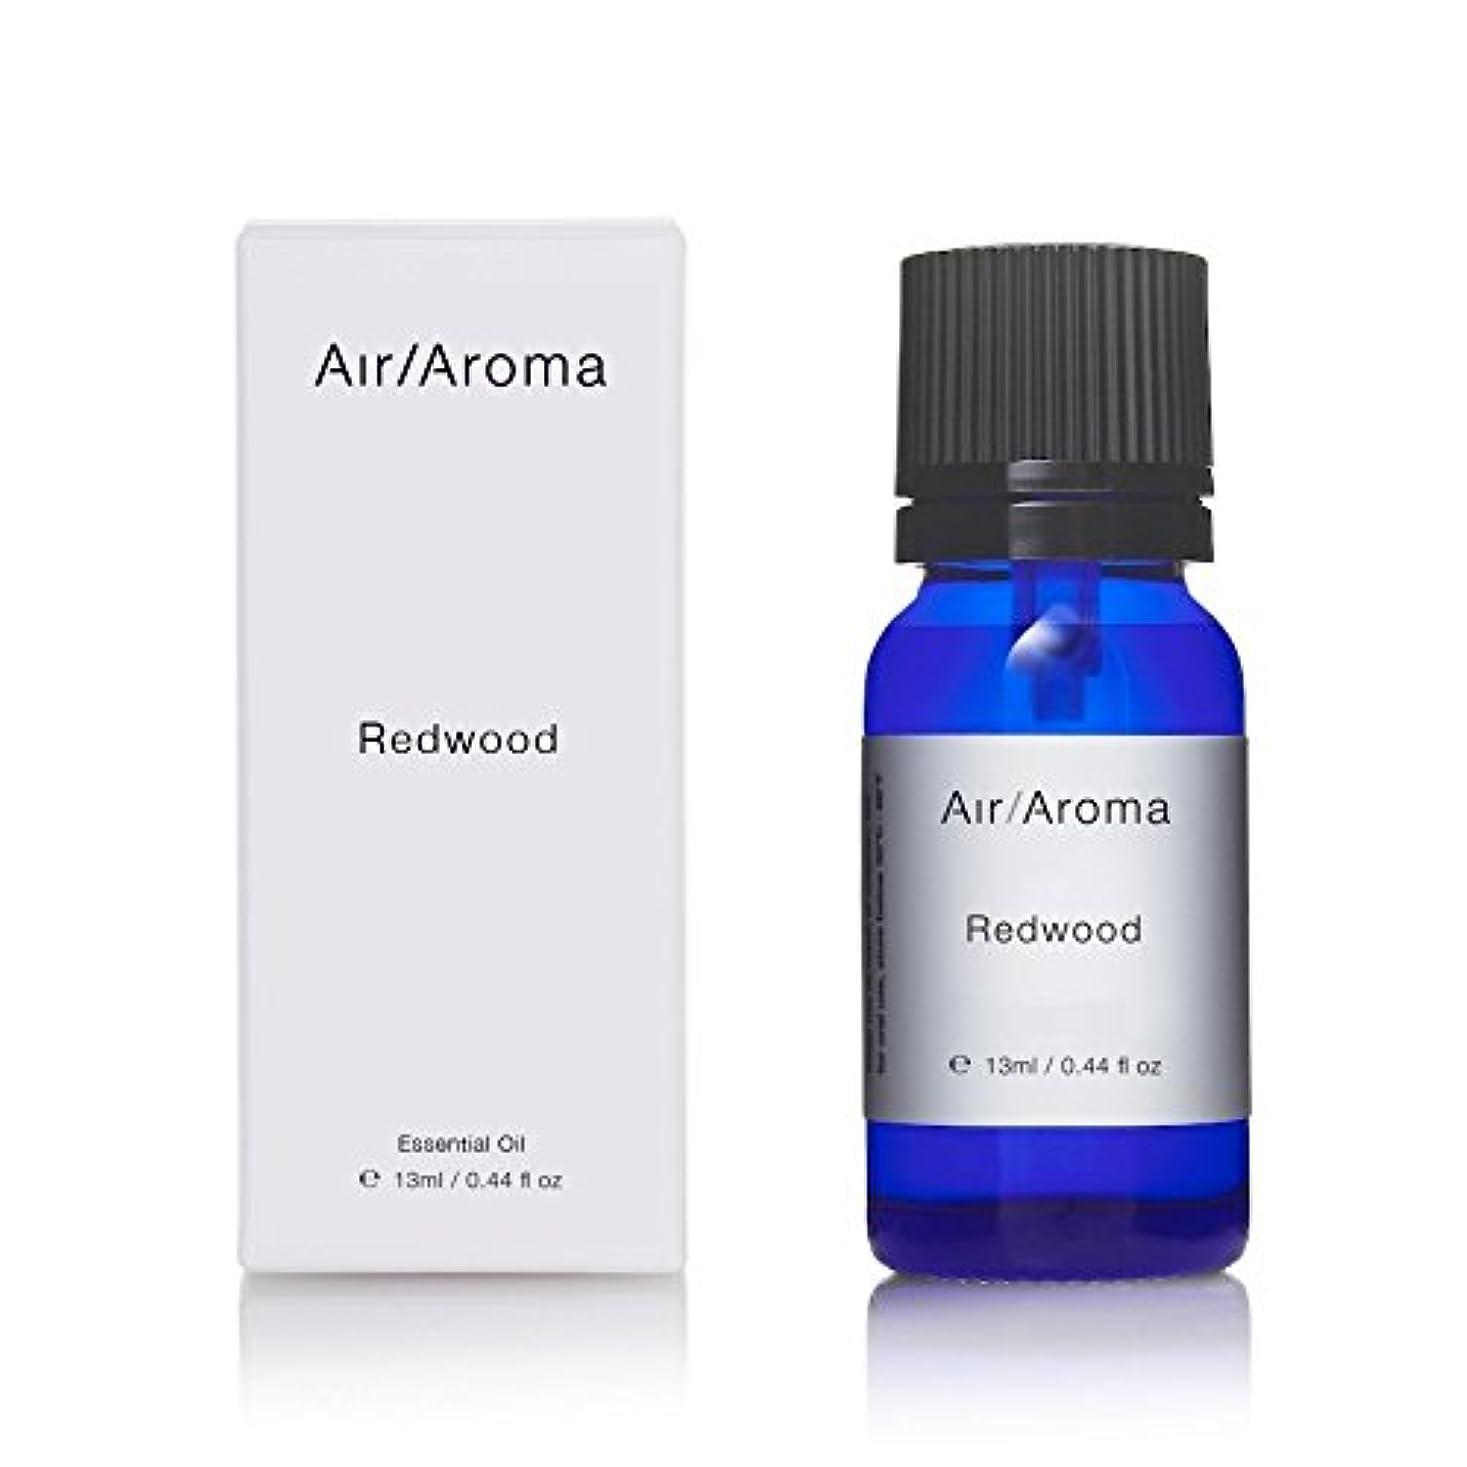 唇禁止する砲兵エアアロマ redwood (レッドウッド) 13ml